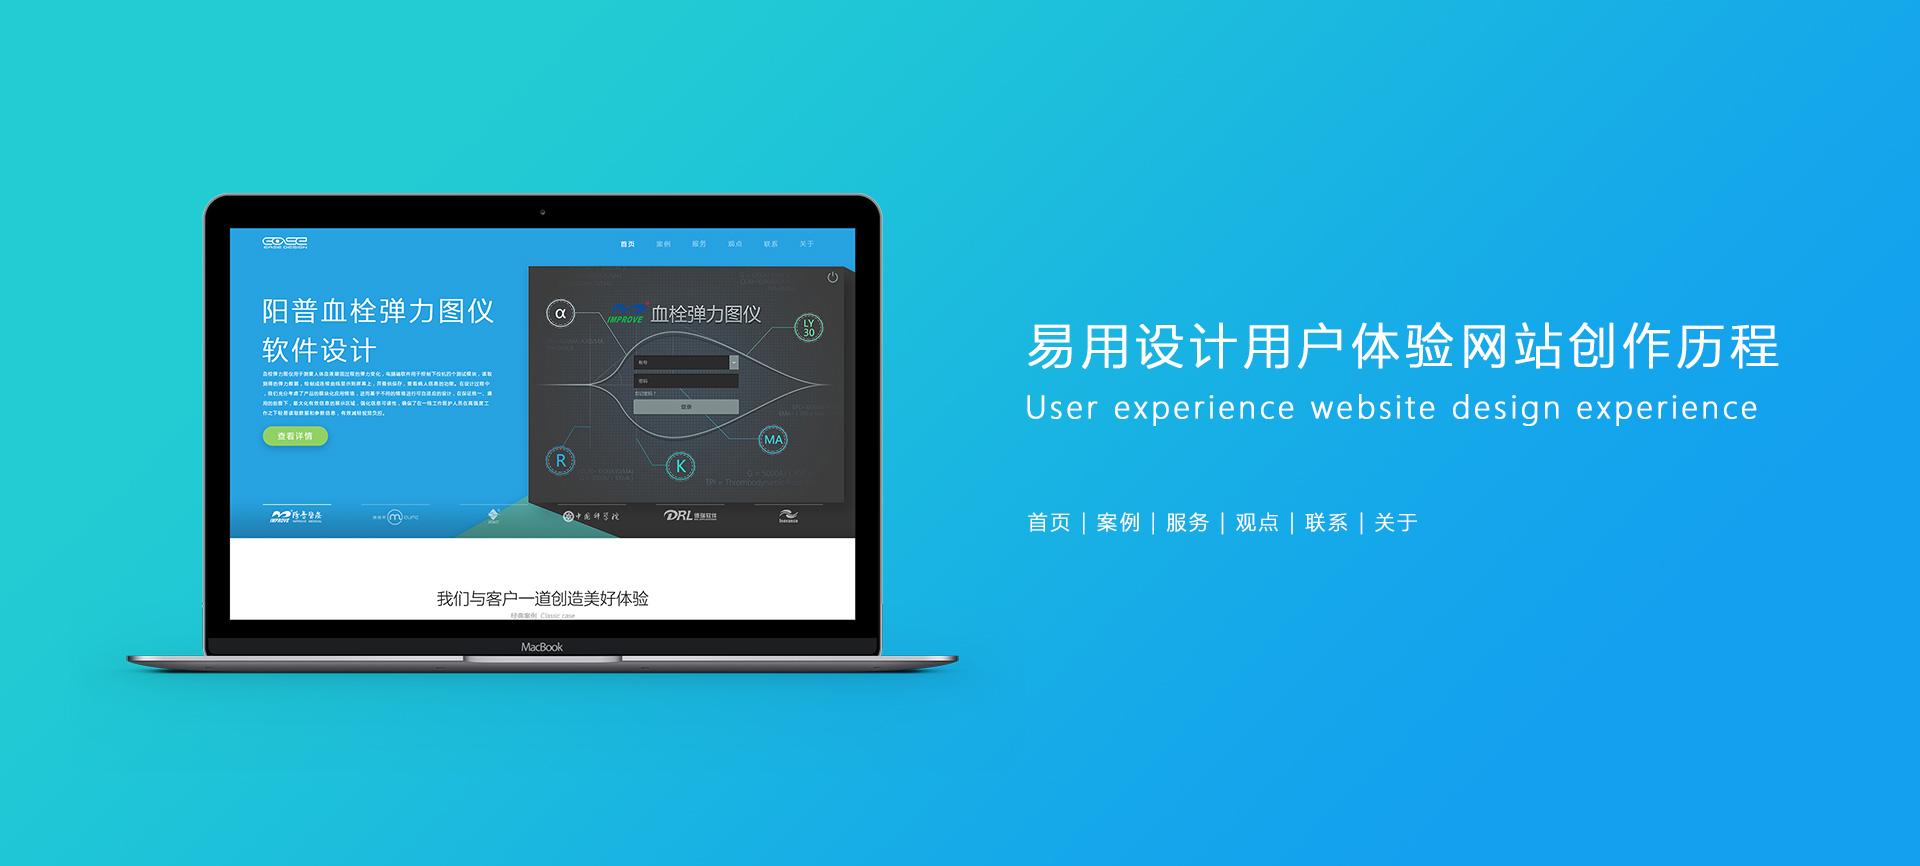 易用设计网页设计创作历程